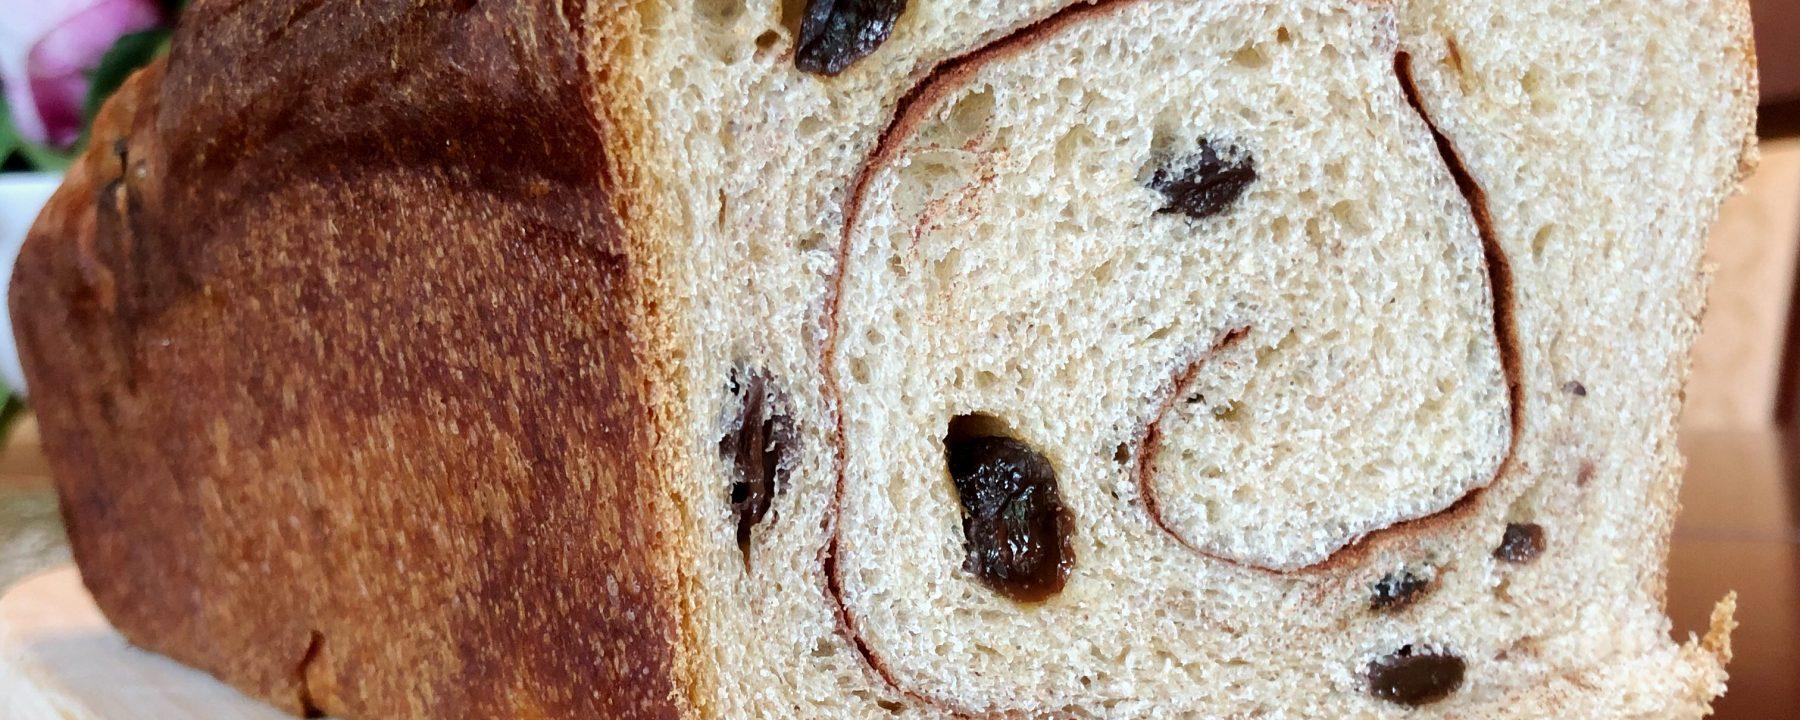 Raisin Bread with a Cinnamon Swirl